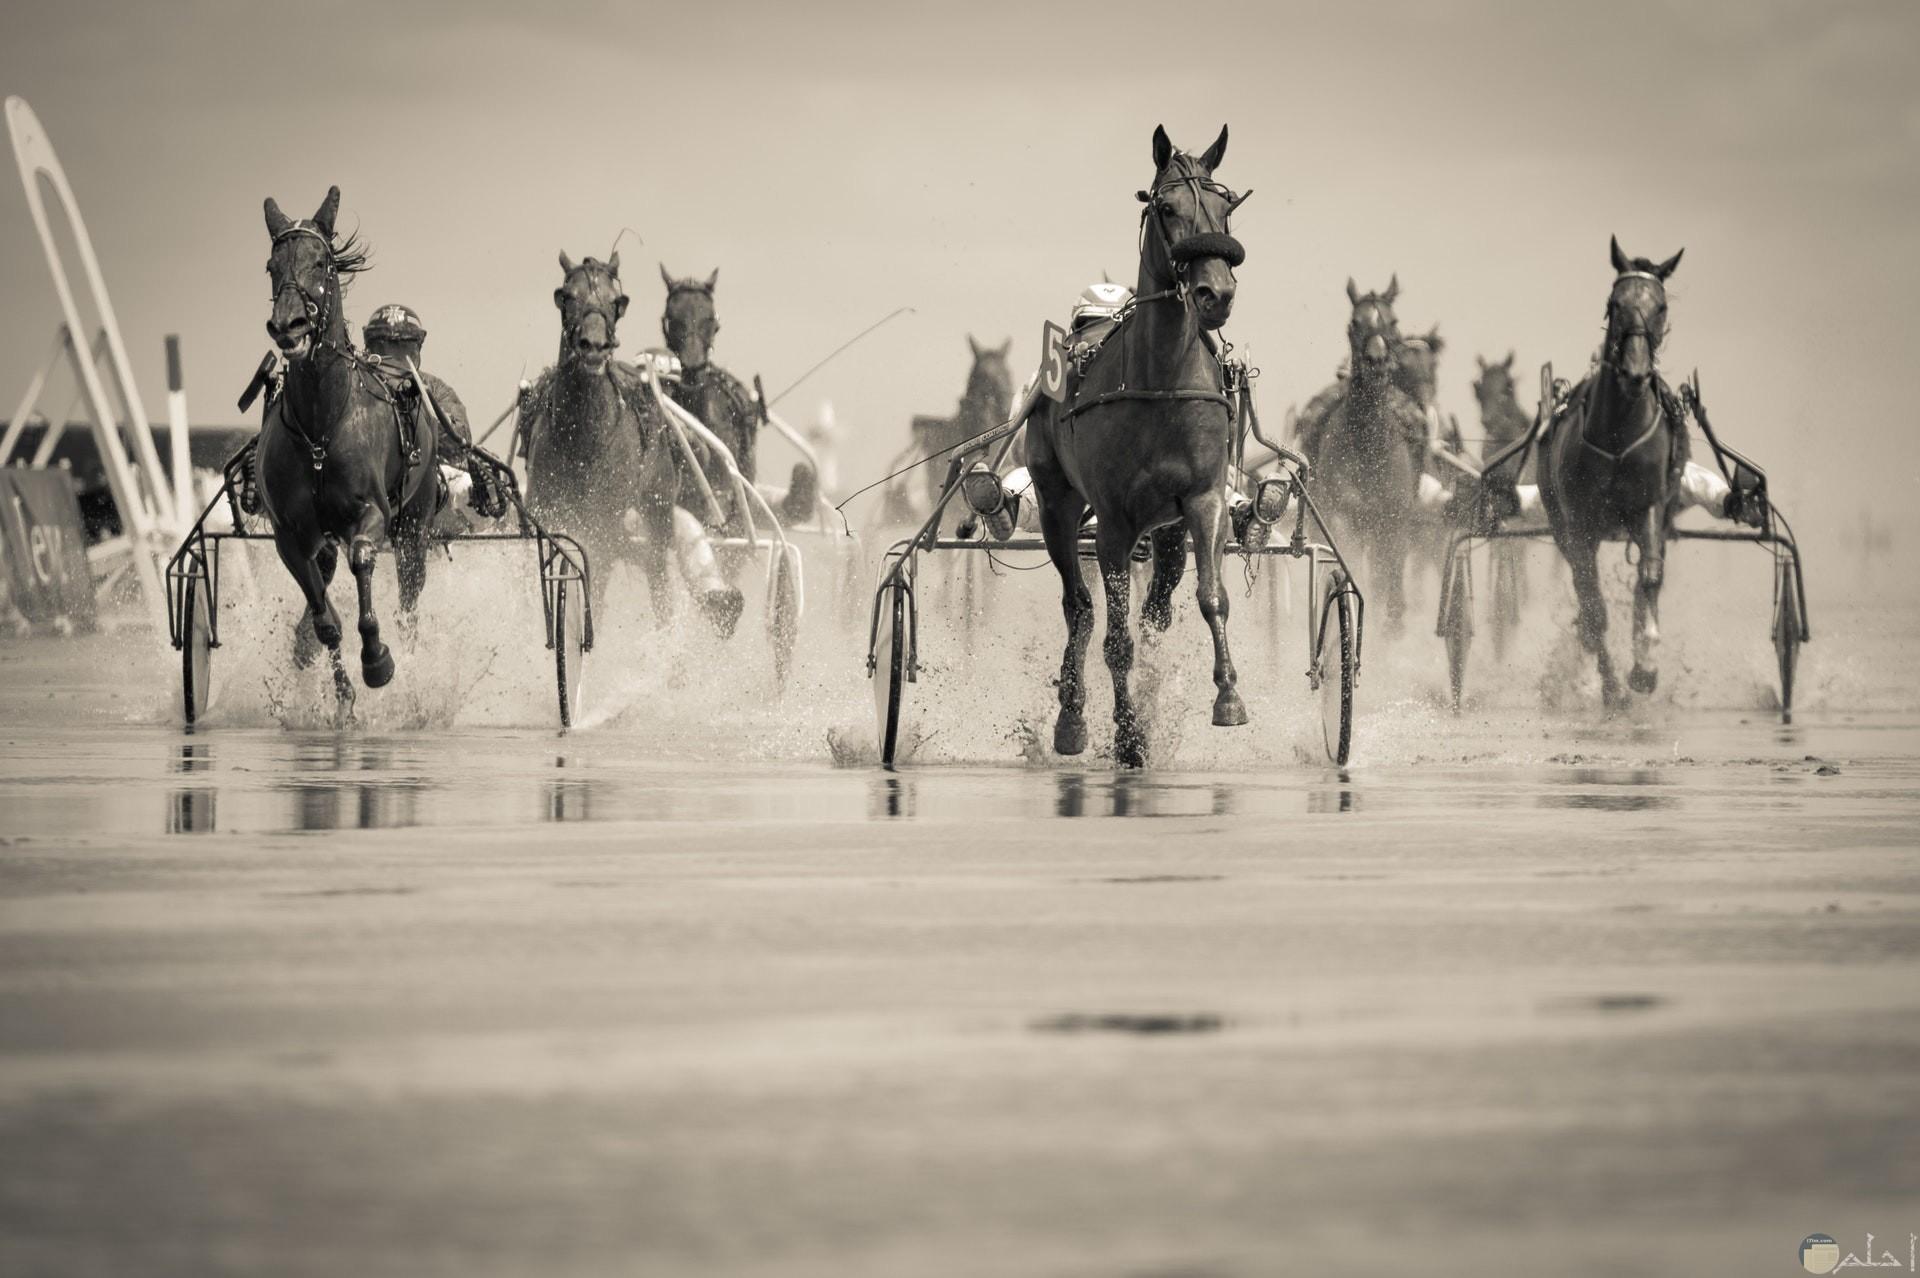 صورة أكشن مميزة لمجموعة من الأحصنة تجري سريعا علي المياة